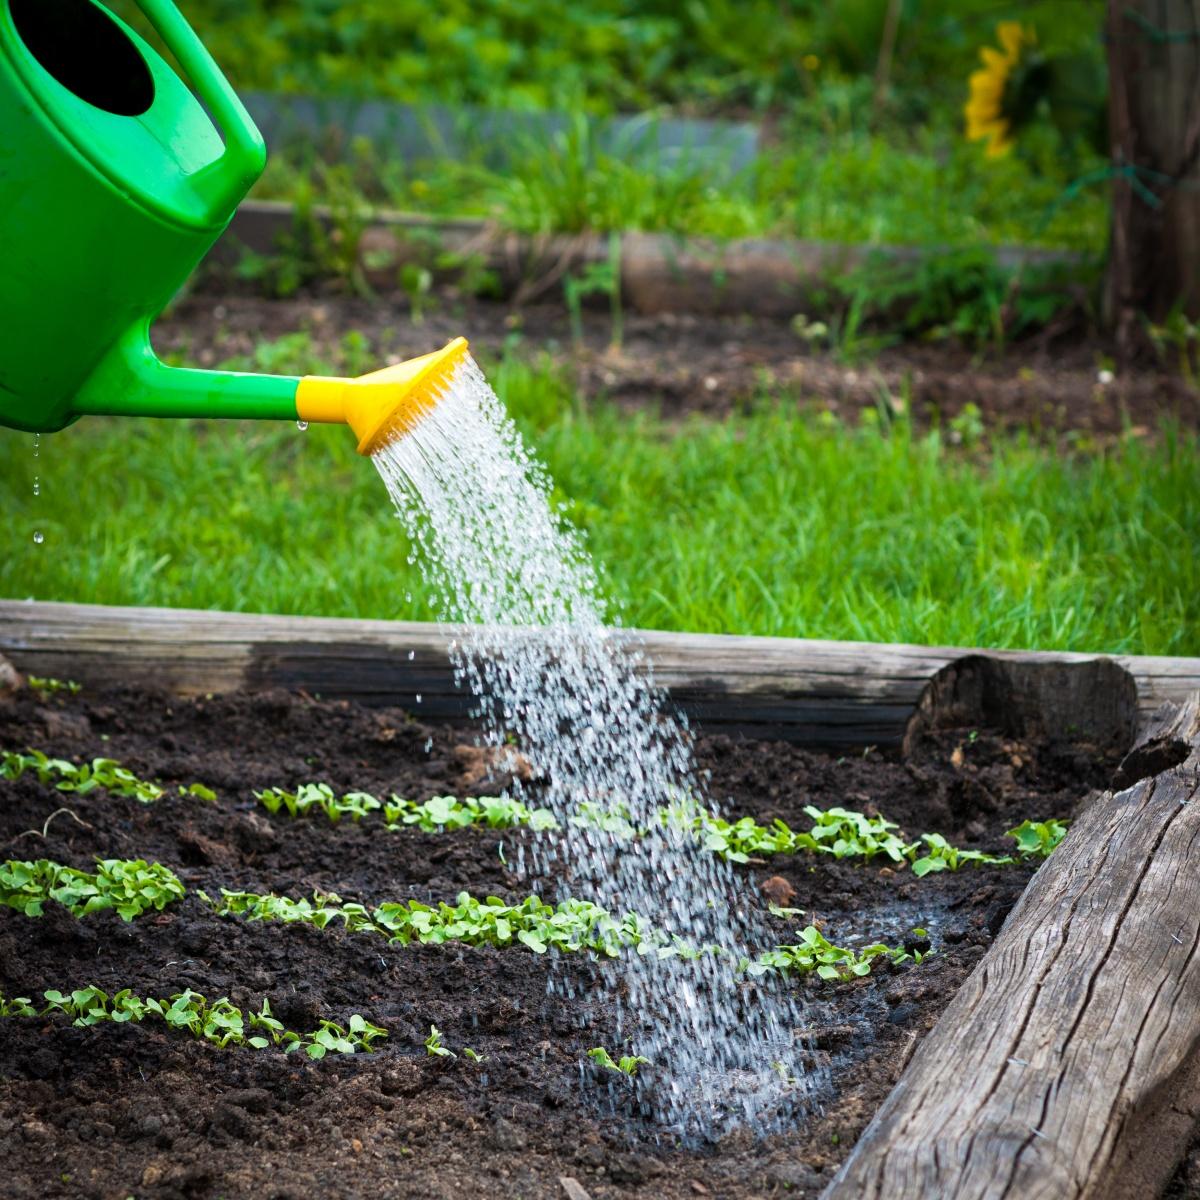 Как для полива жесткую воду сделать мягкой для